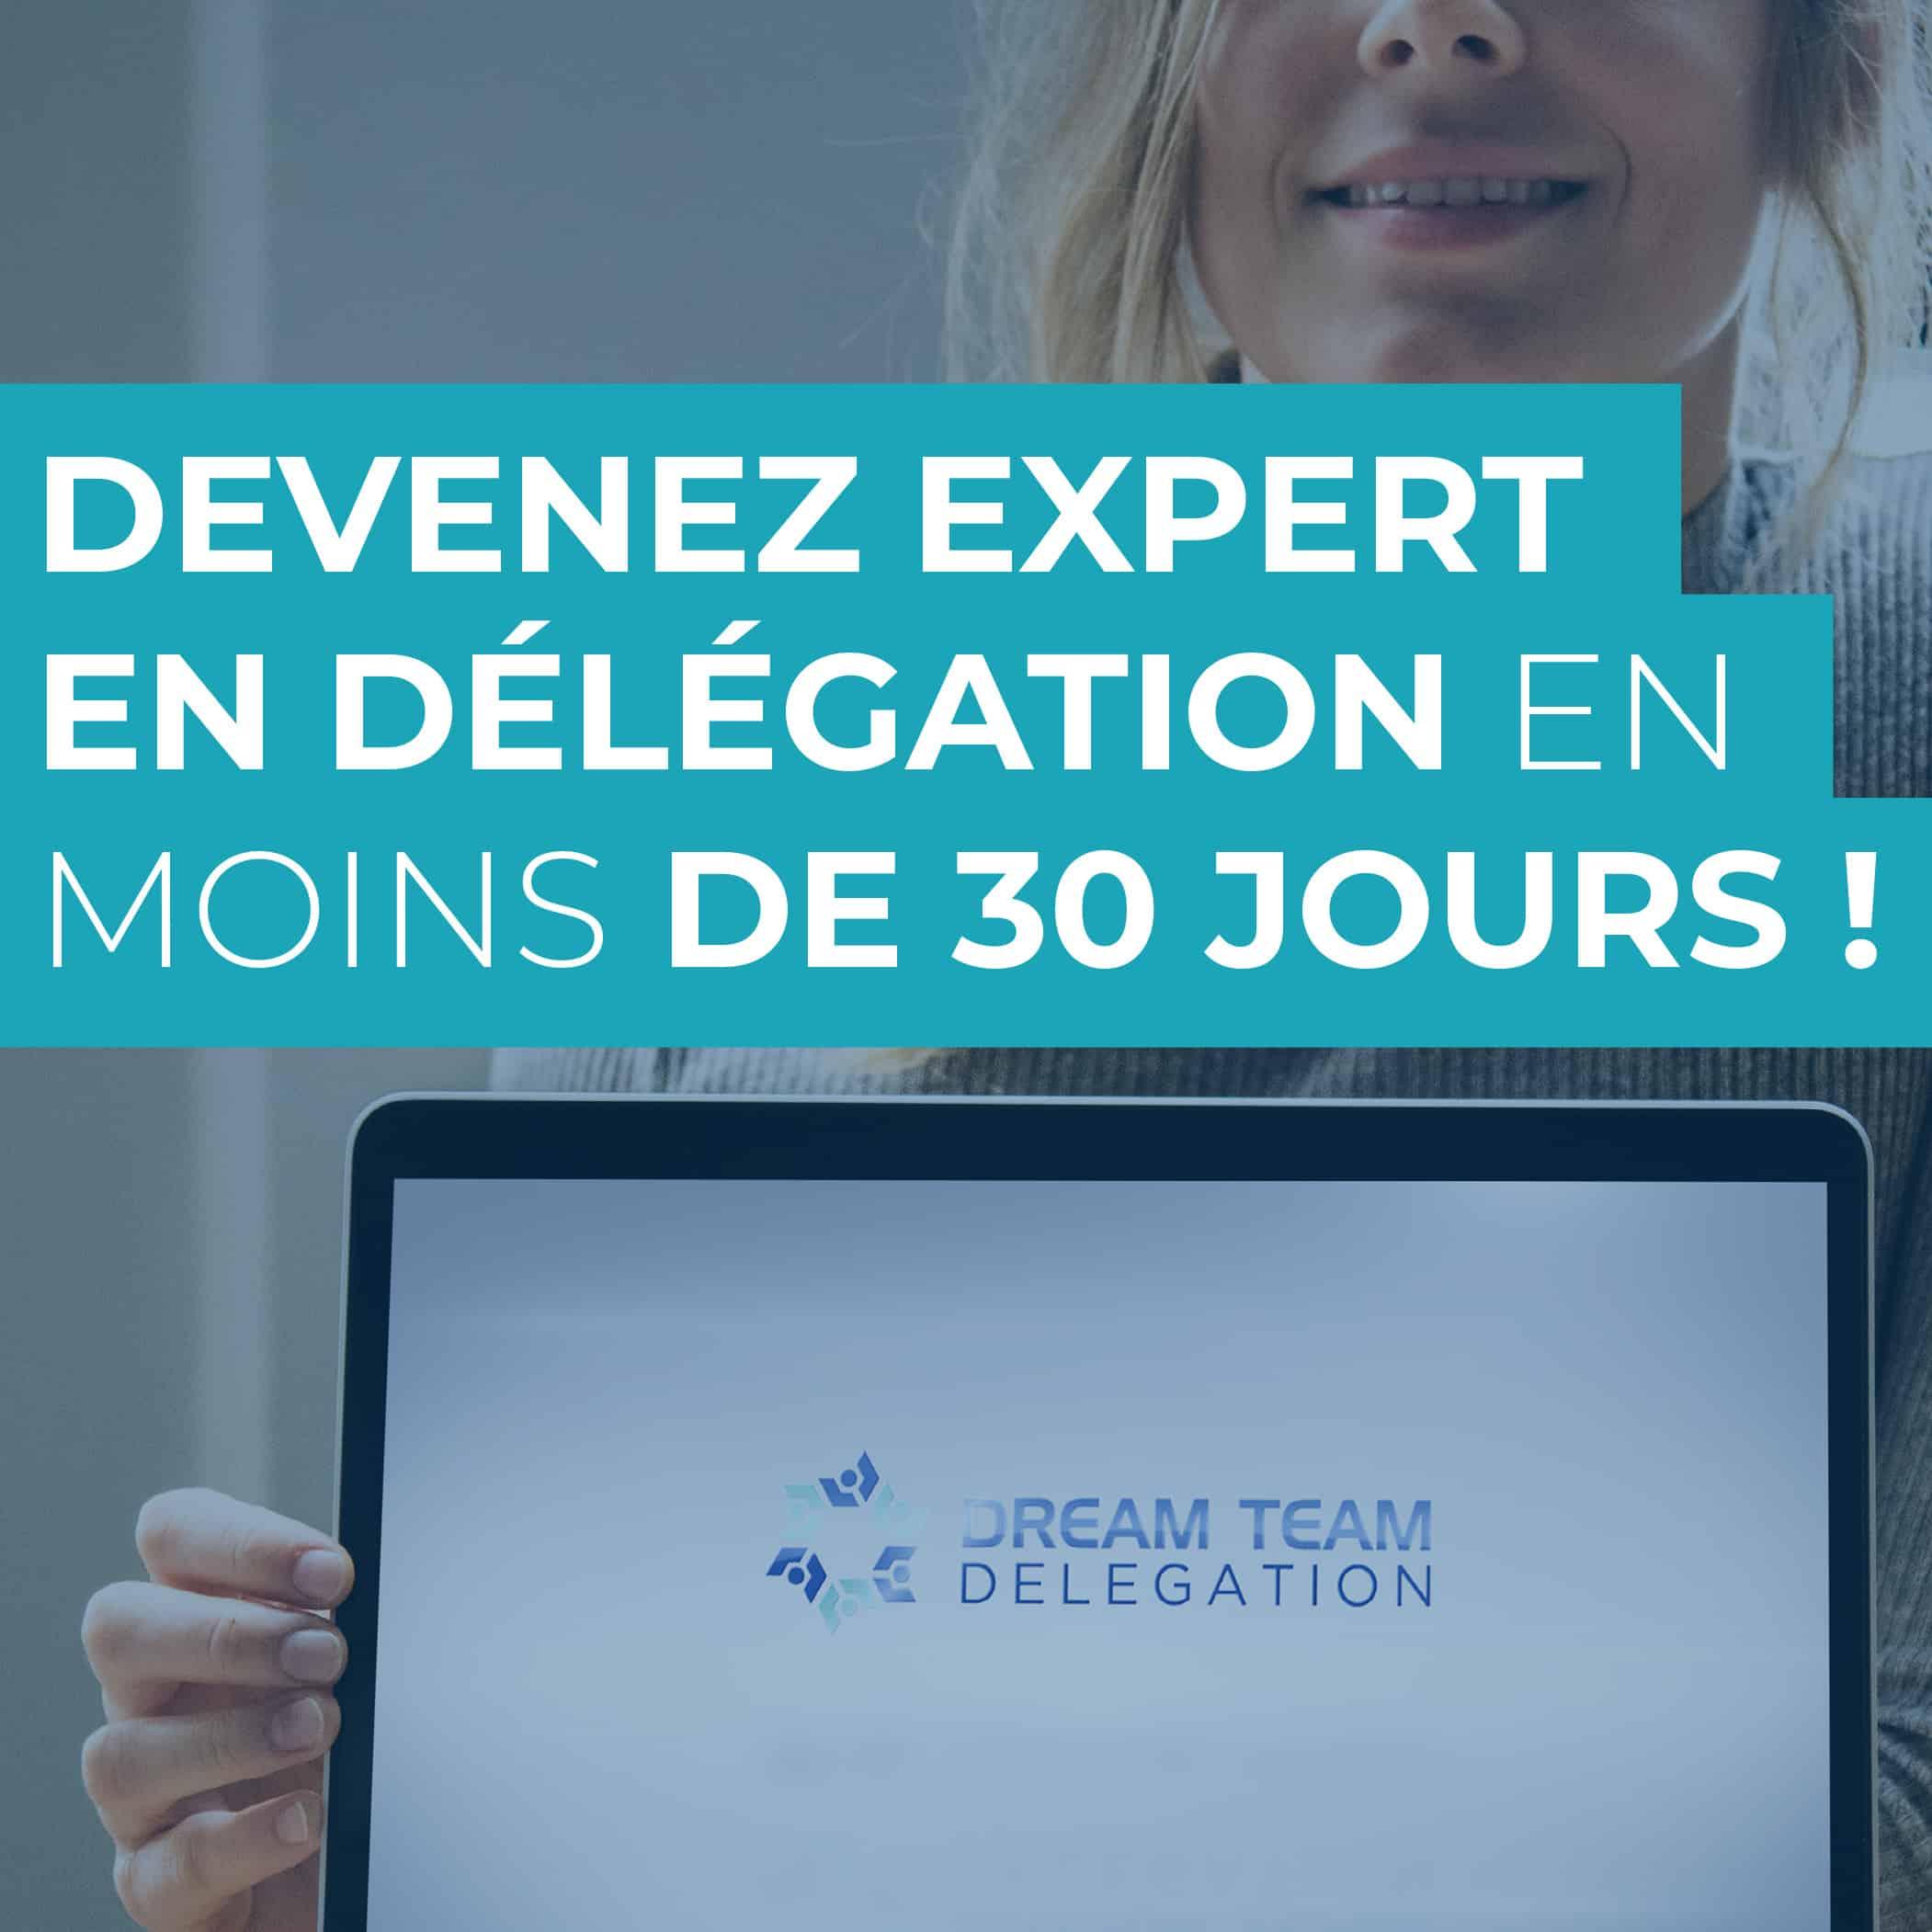 Devenez un expert en délégation et externalisation en moins de 30 jours avec la formation DTD